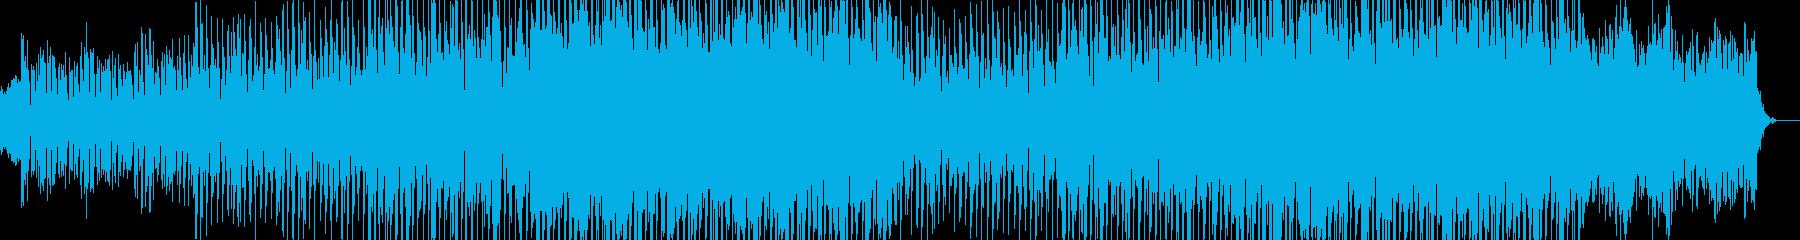 EDMオープニングイベント企業VP-09の再生済みの波形